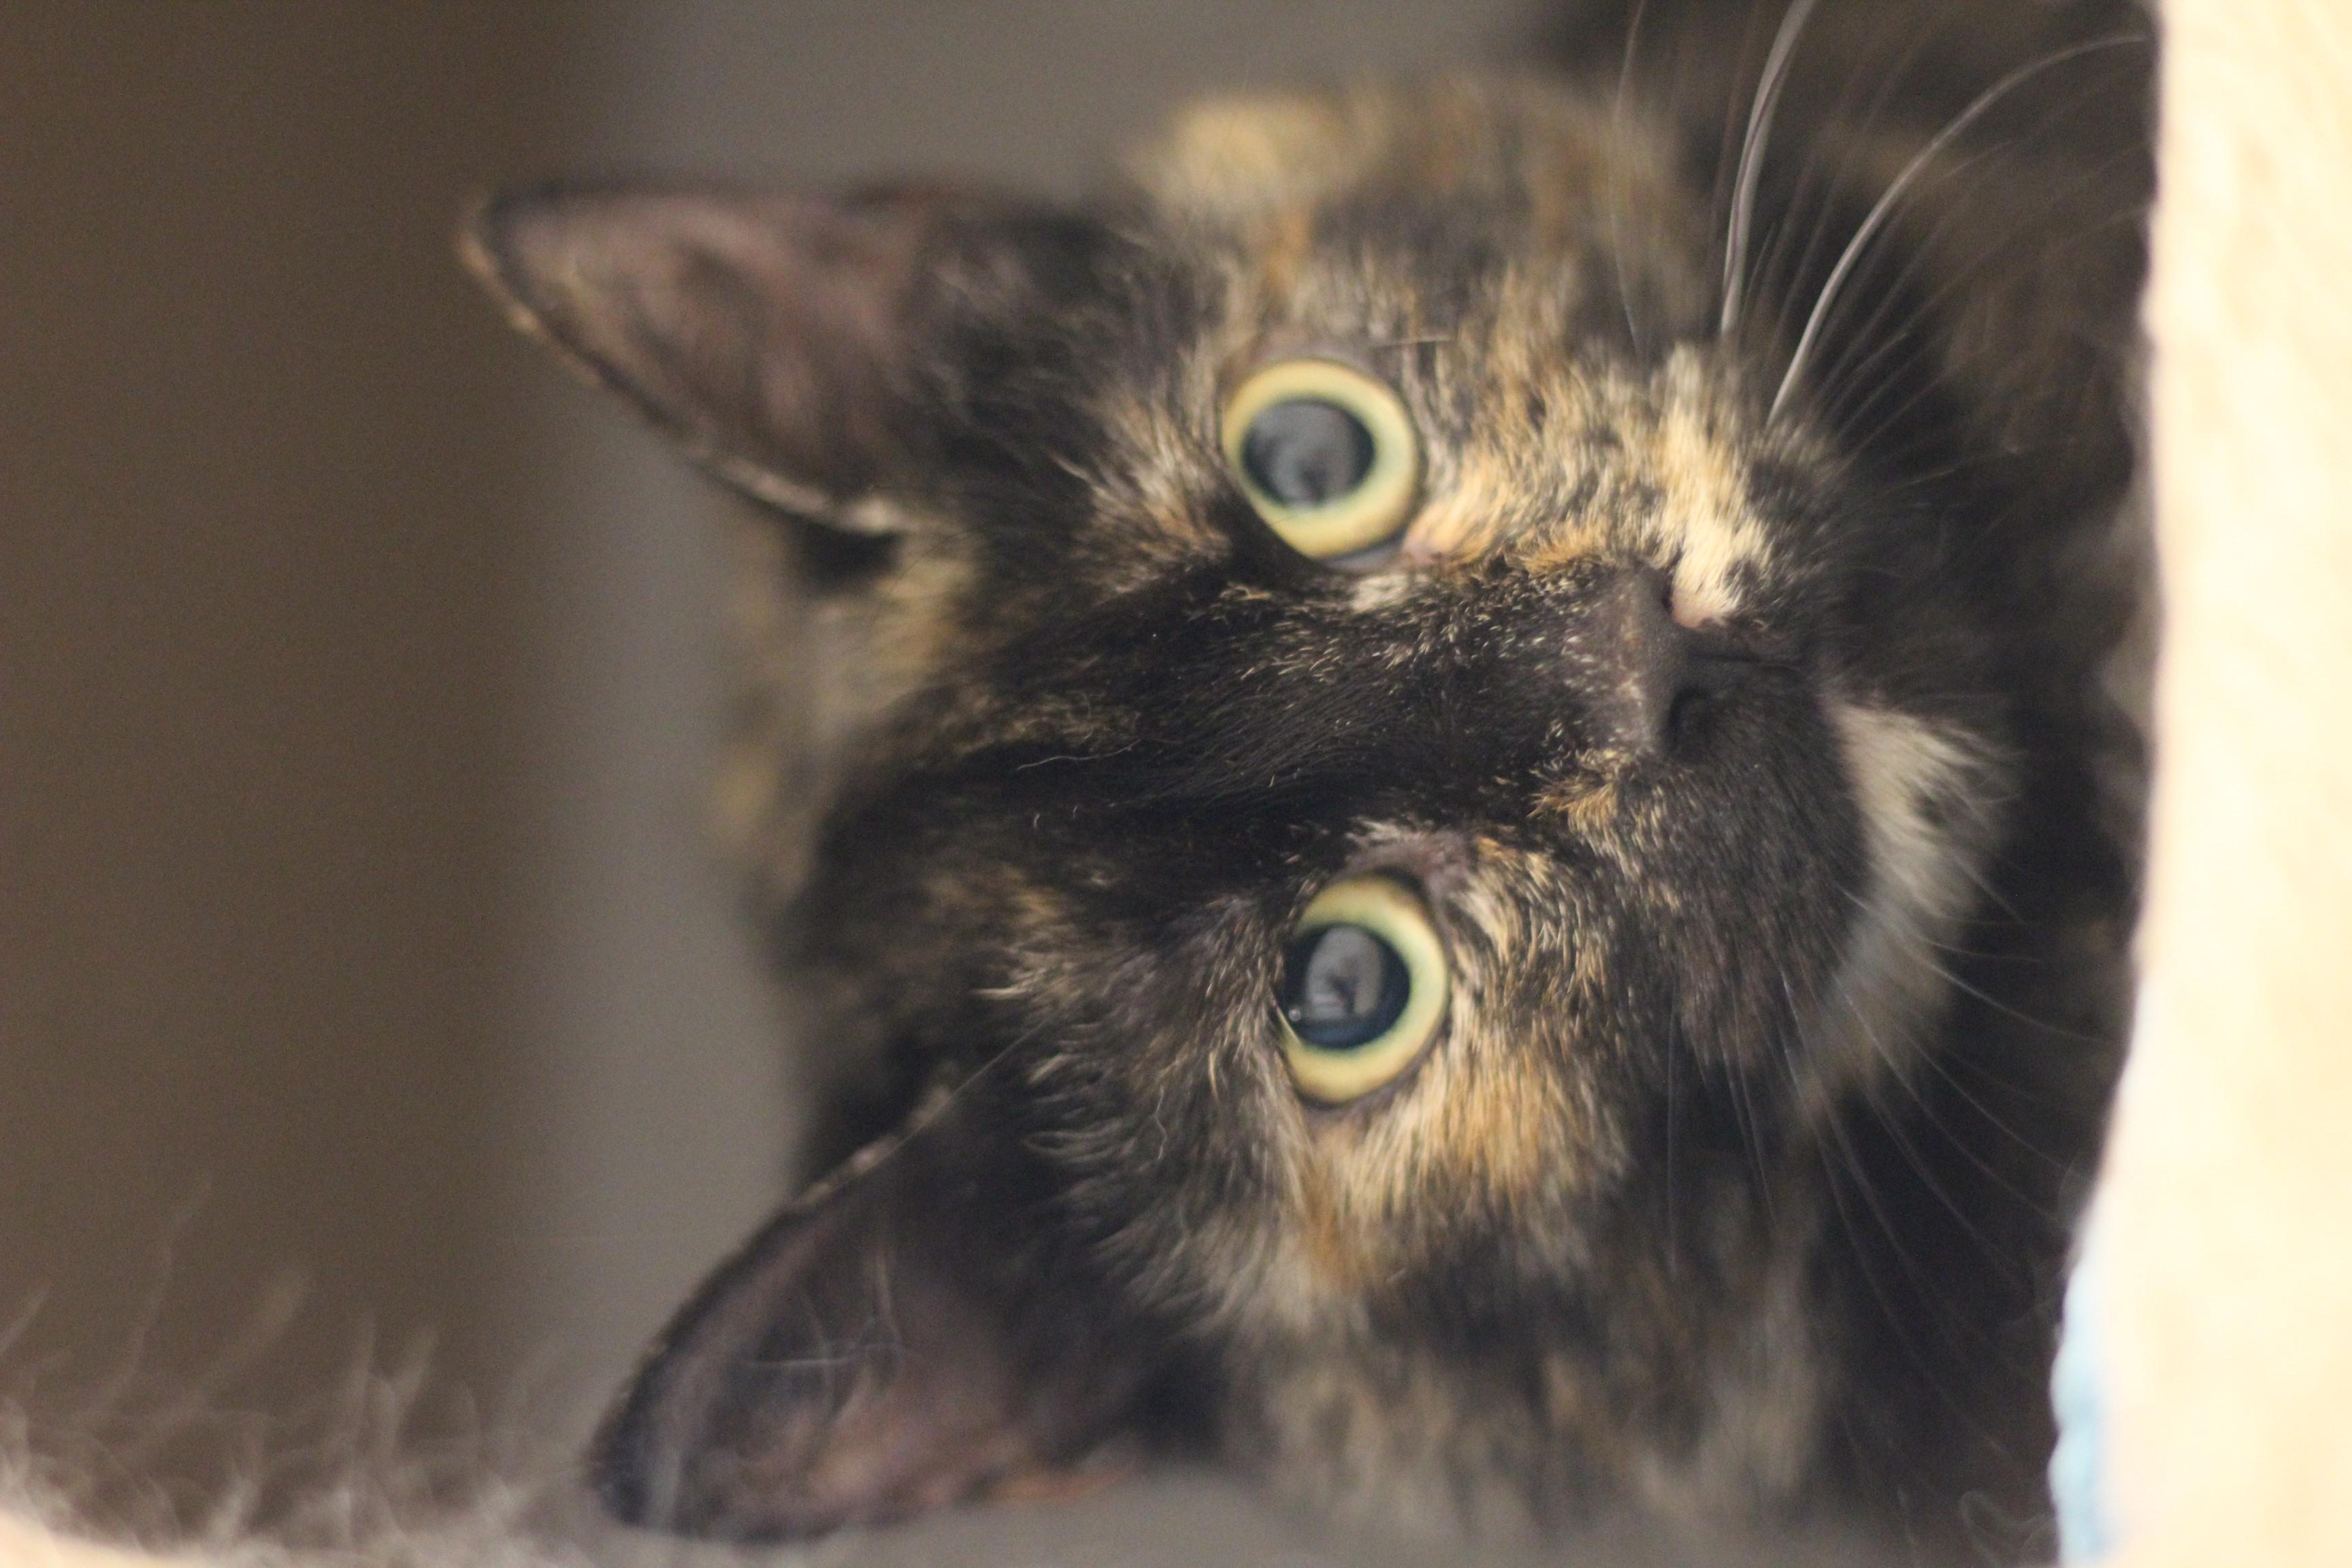 Trunte er en lille forsigtig hunkat fra maj sidste år. Hun er sød - men meget forsigtig. @minvenkattenhobro 25546789 en dyreportal bruger vores billeder til et abonnement på 299 pr. mdr. Vores billeder er GRATIS - håber vi ses